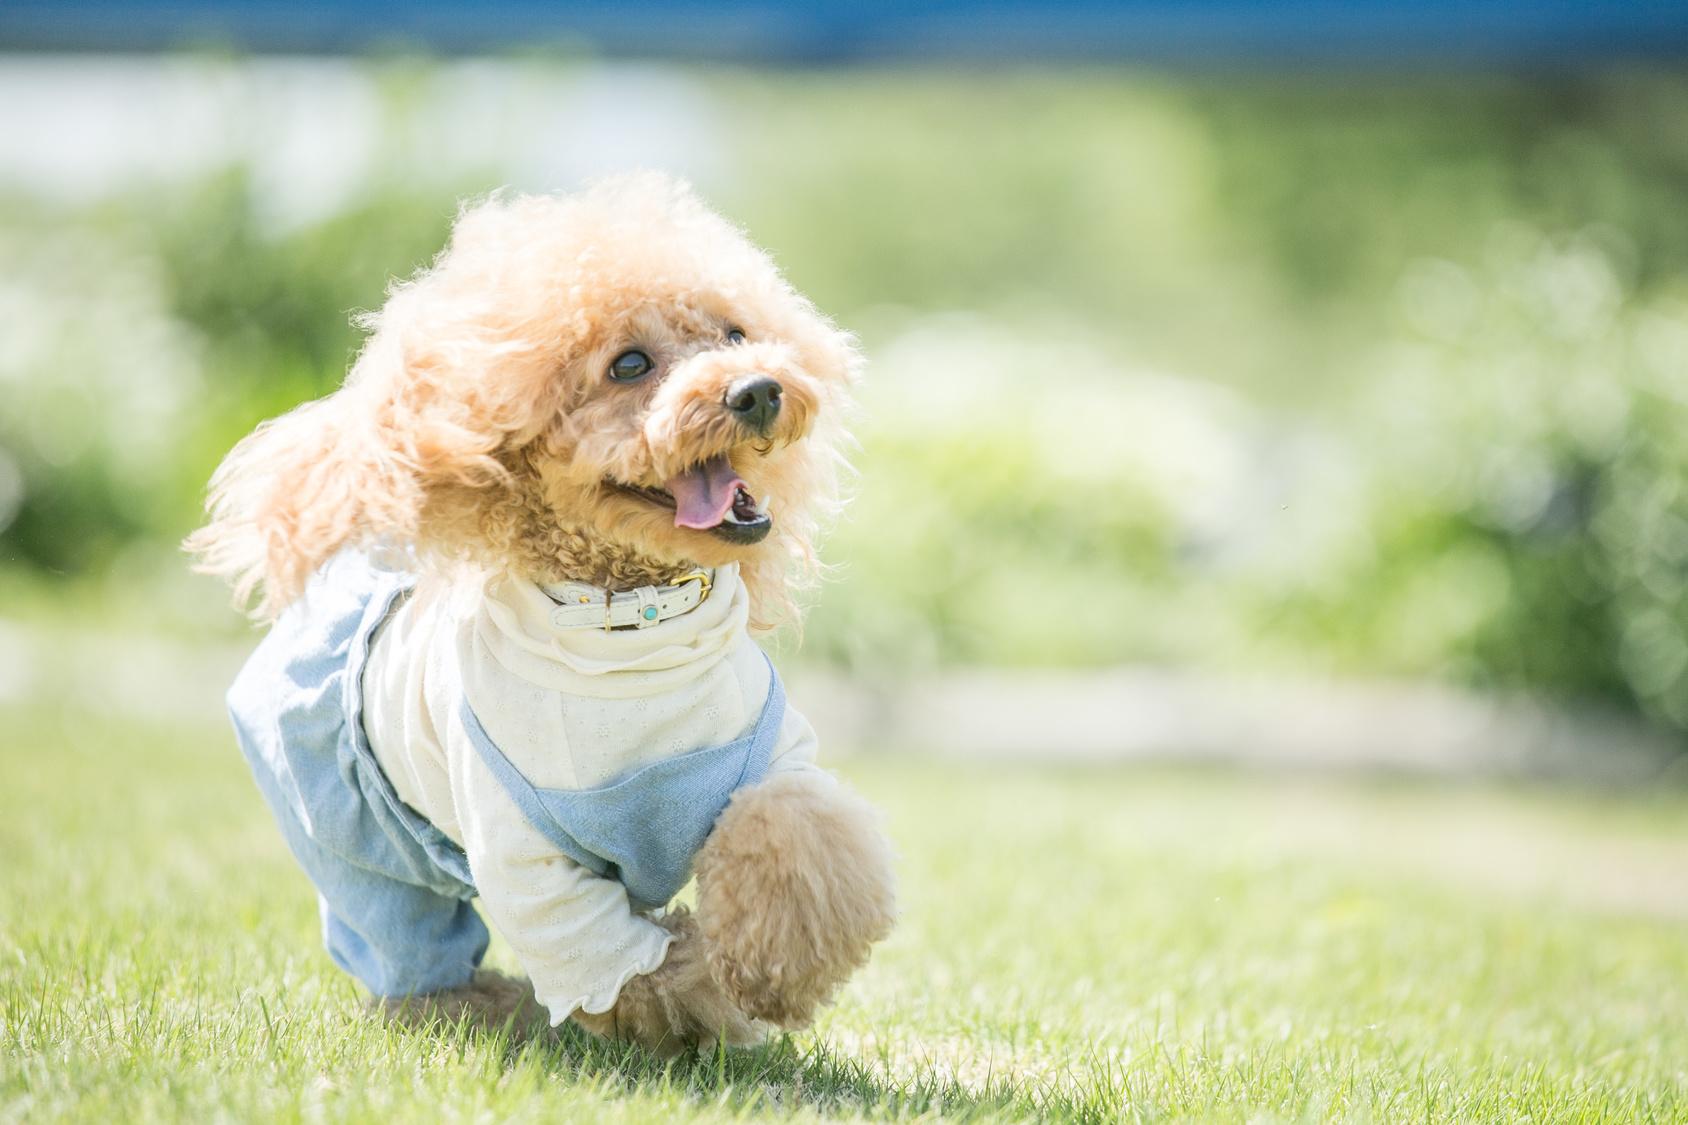 予約必見!インターペット後に愛犬と一緒に行きたいおすすめランチスポット♪